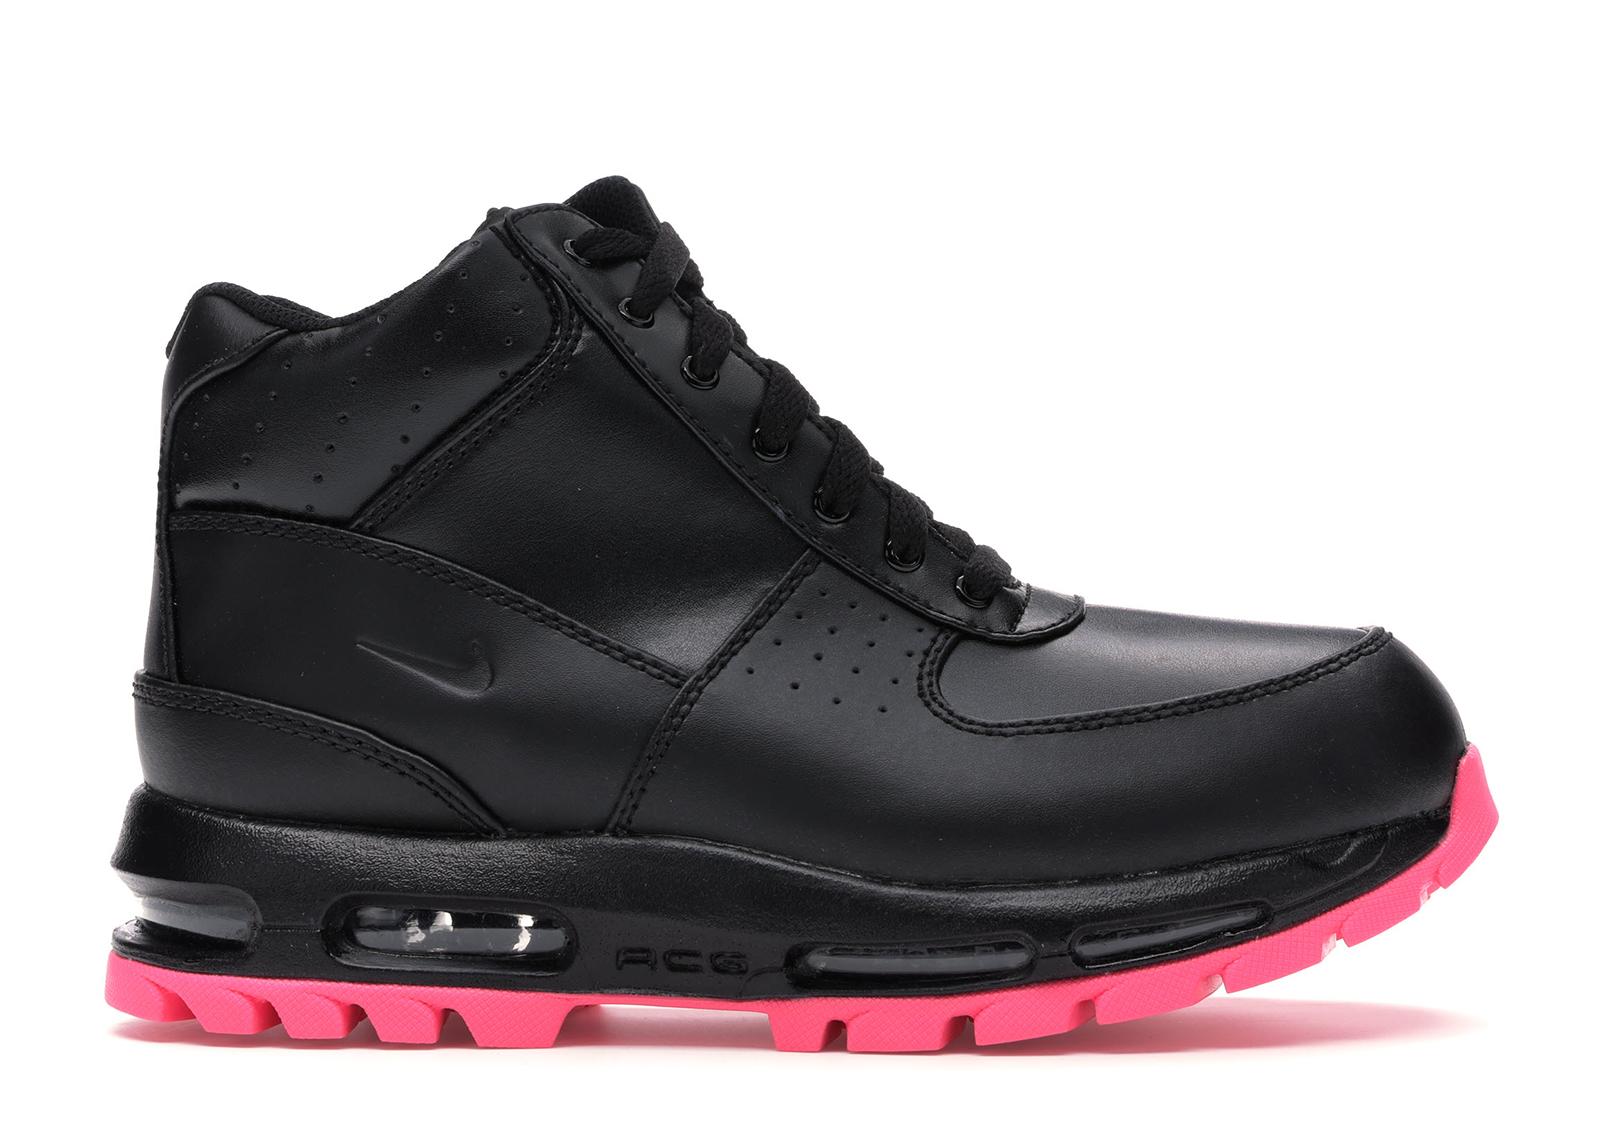 Nike Air Max Goadome Pink (GS)